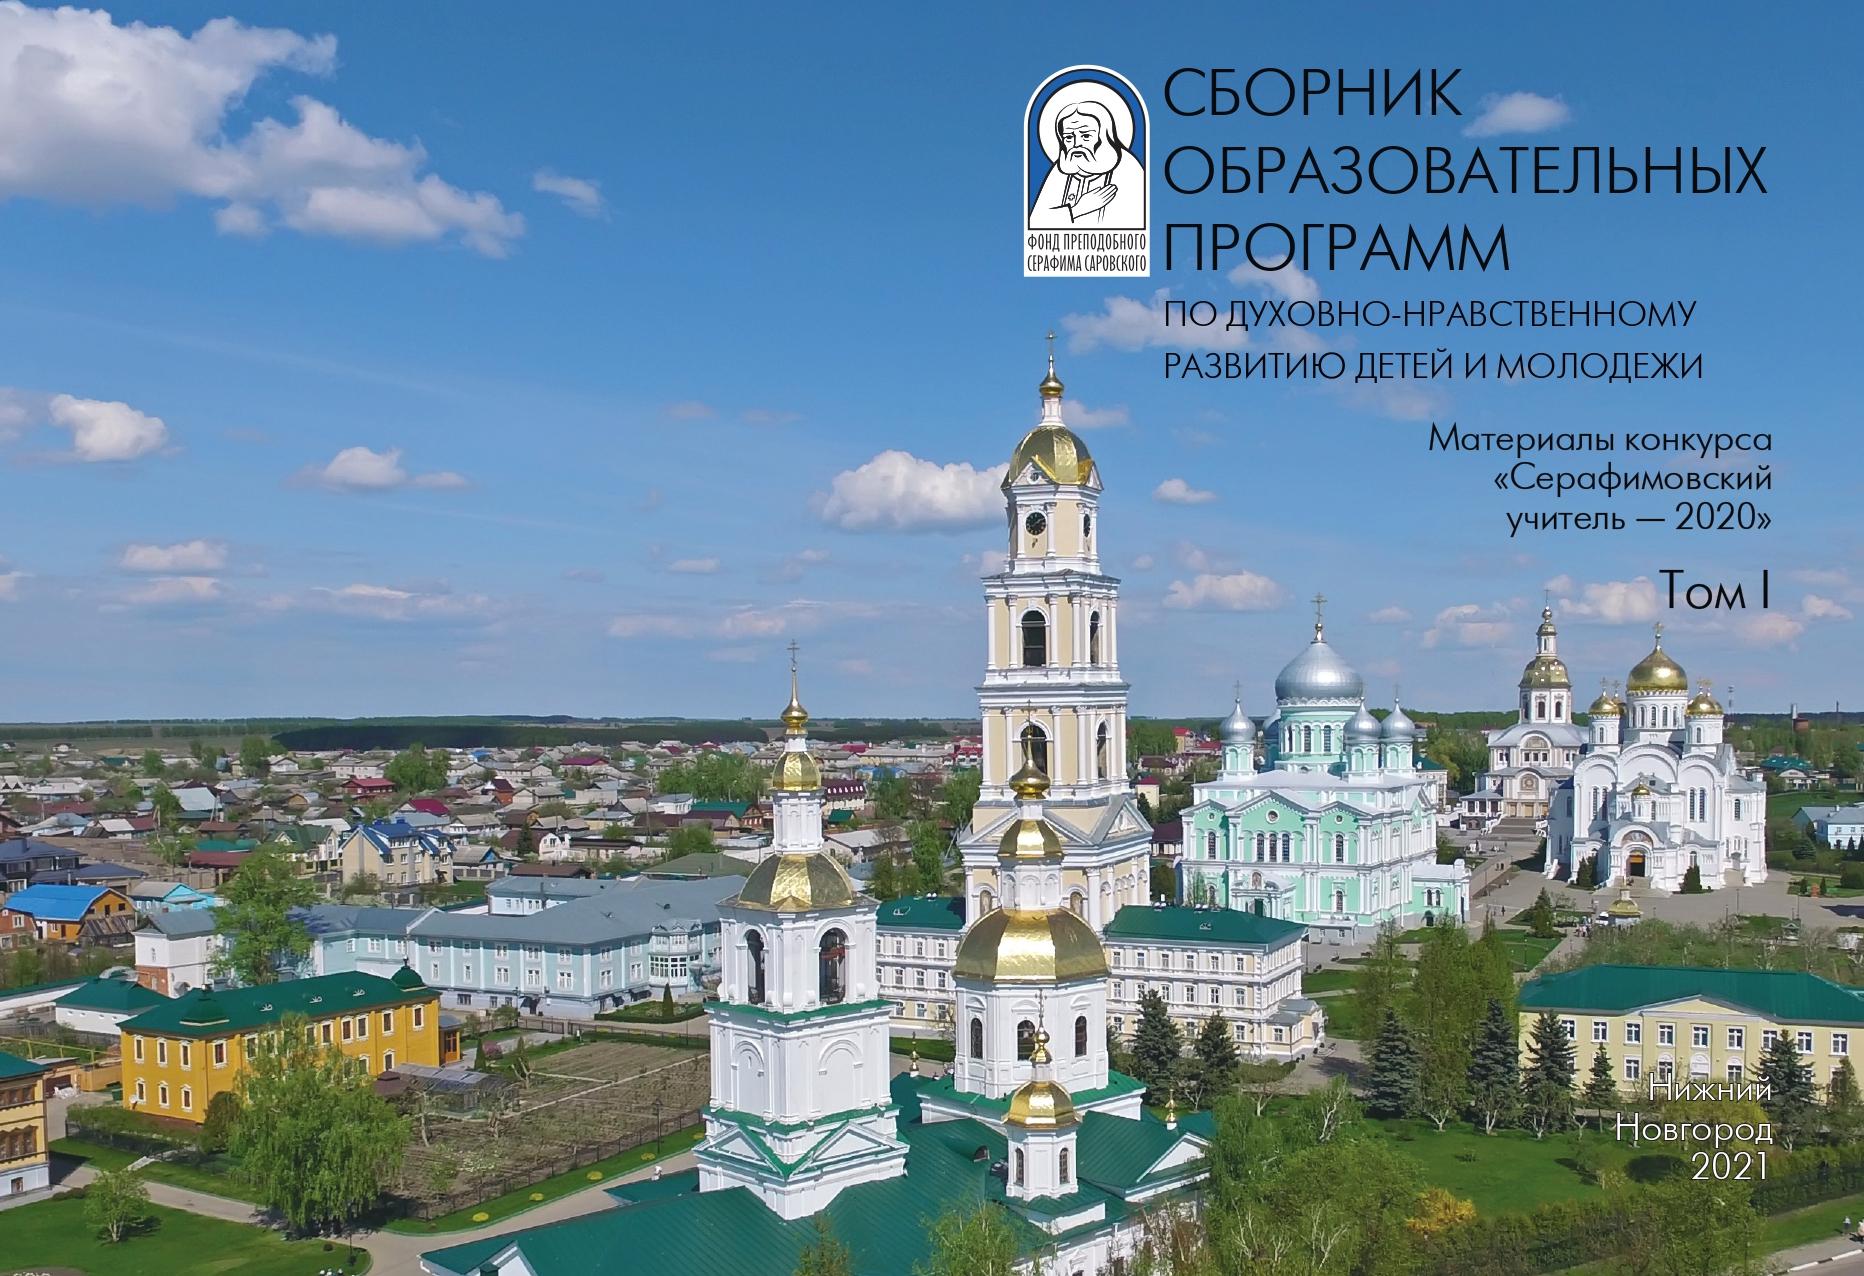 Материалы конкурса «Серафимовский учитель – 2020/2021» вошли в новый сборник